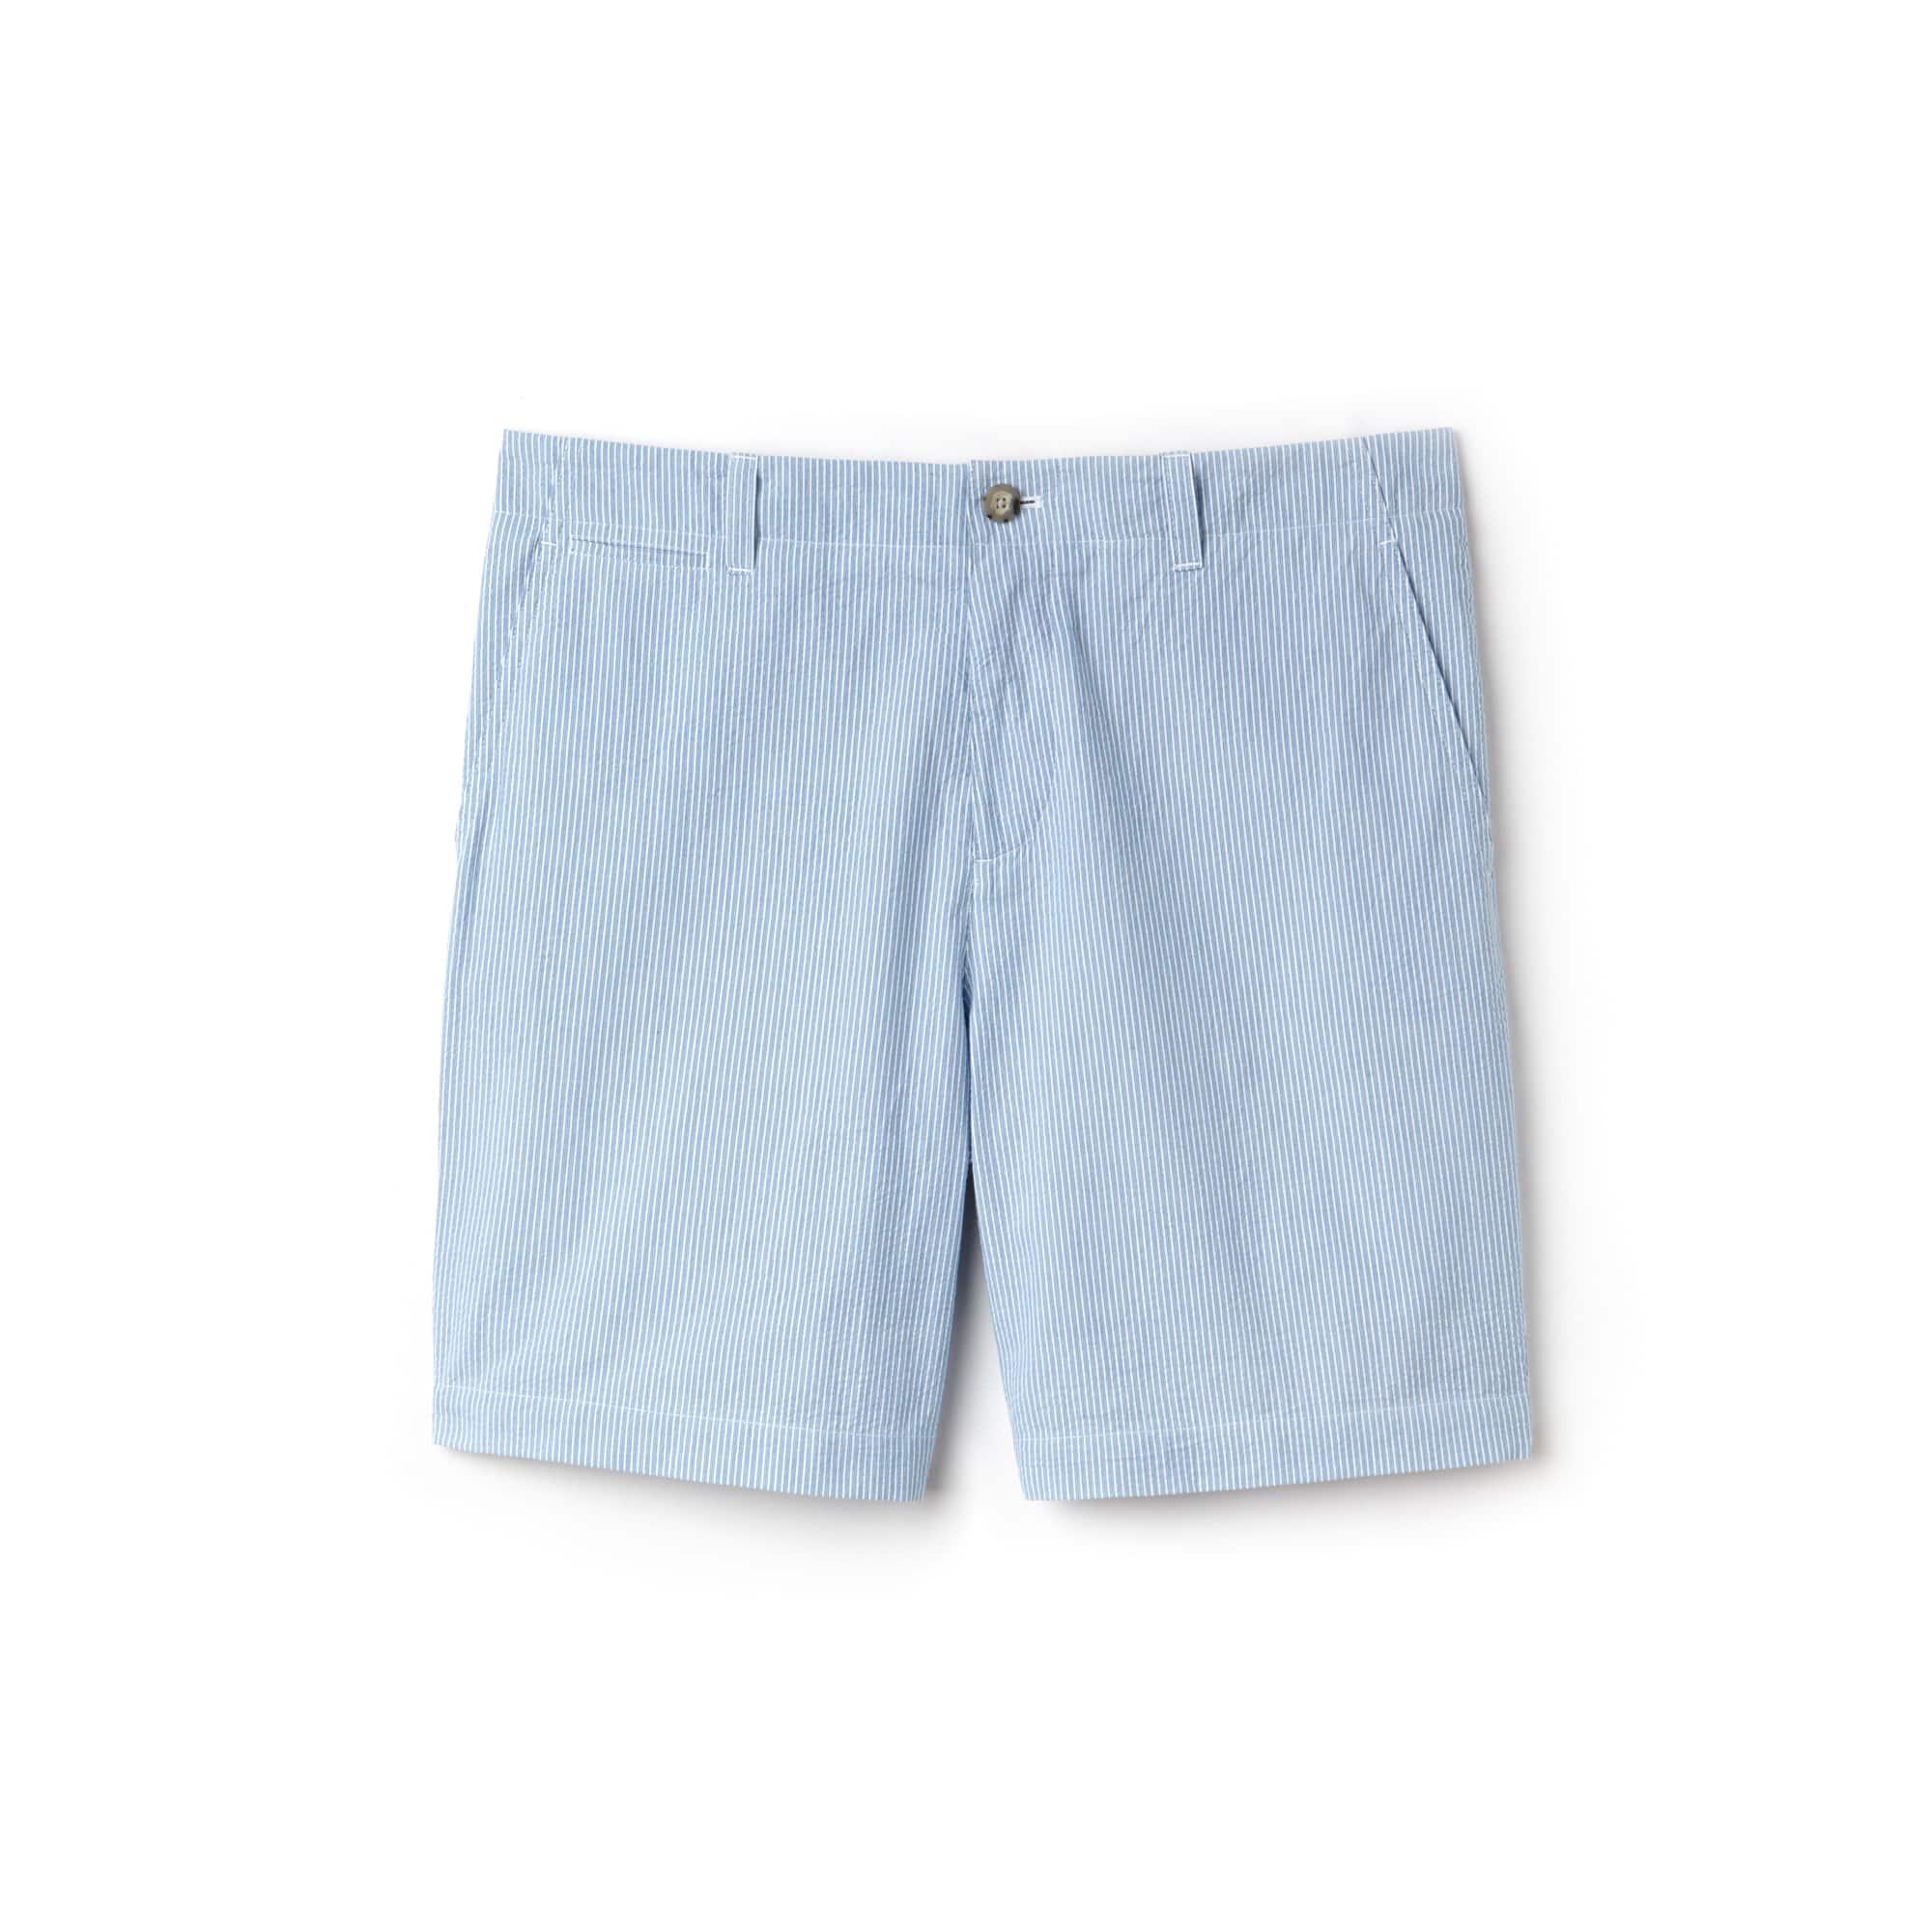 Bermuda regular fit en seersucker de coton à rayures